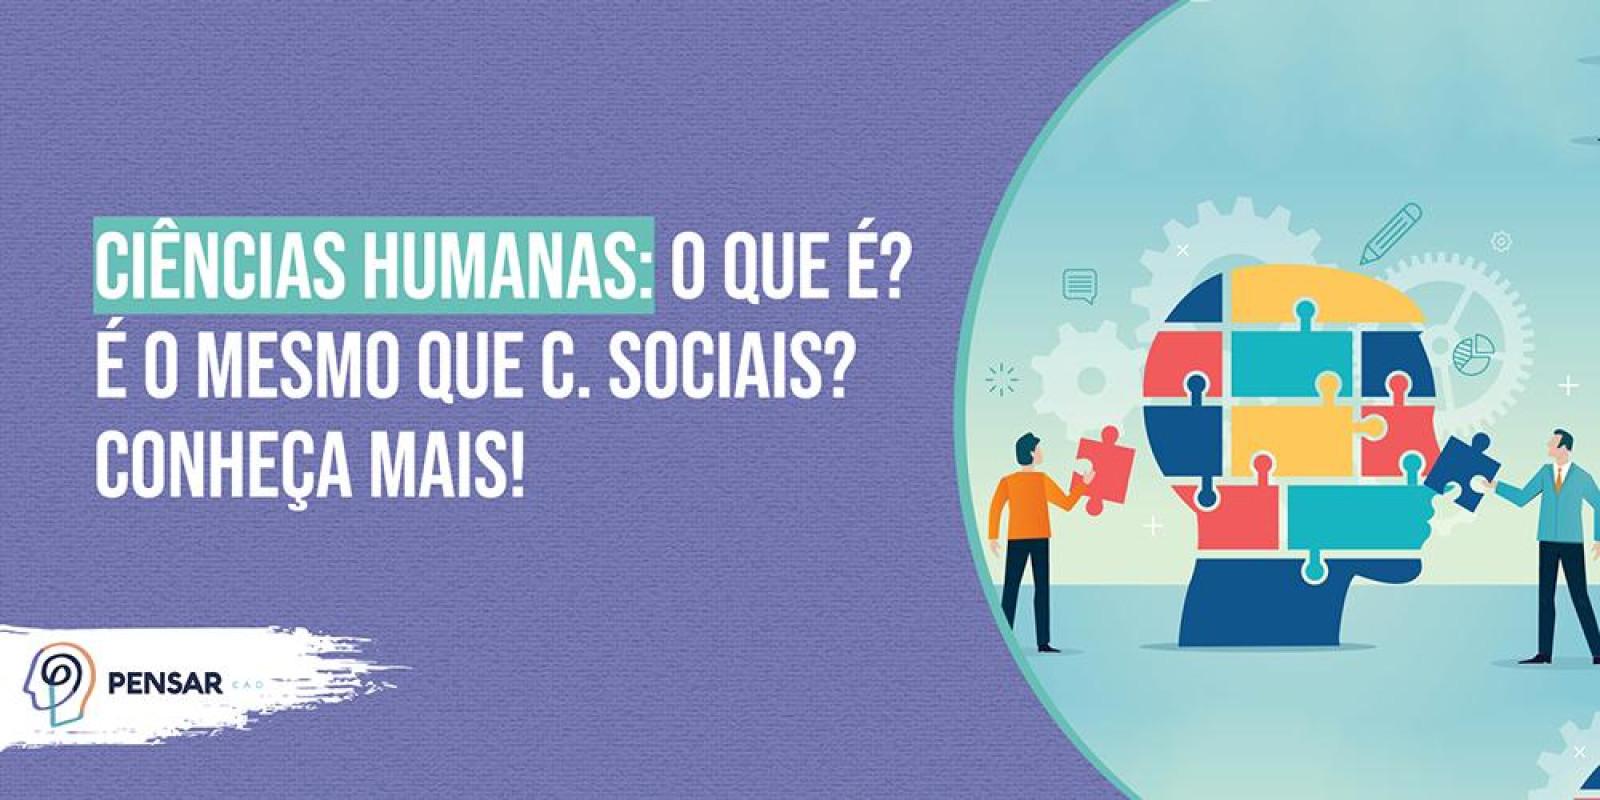 Ciências Humanas: o que é? É o mesmo que C. Sociais? Conheça mais!